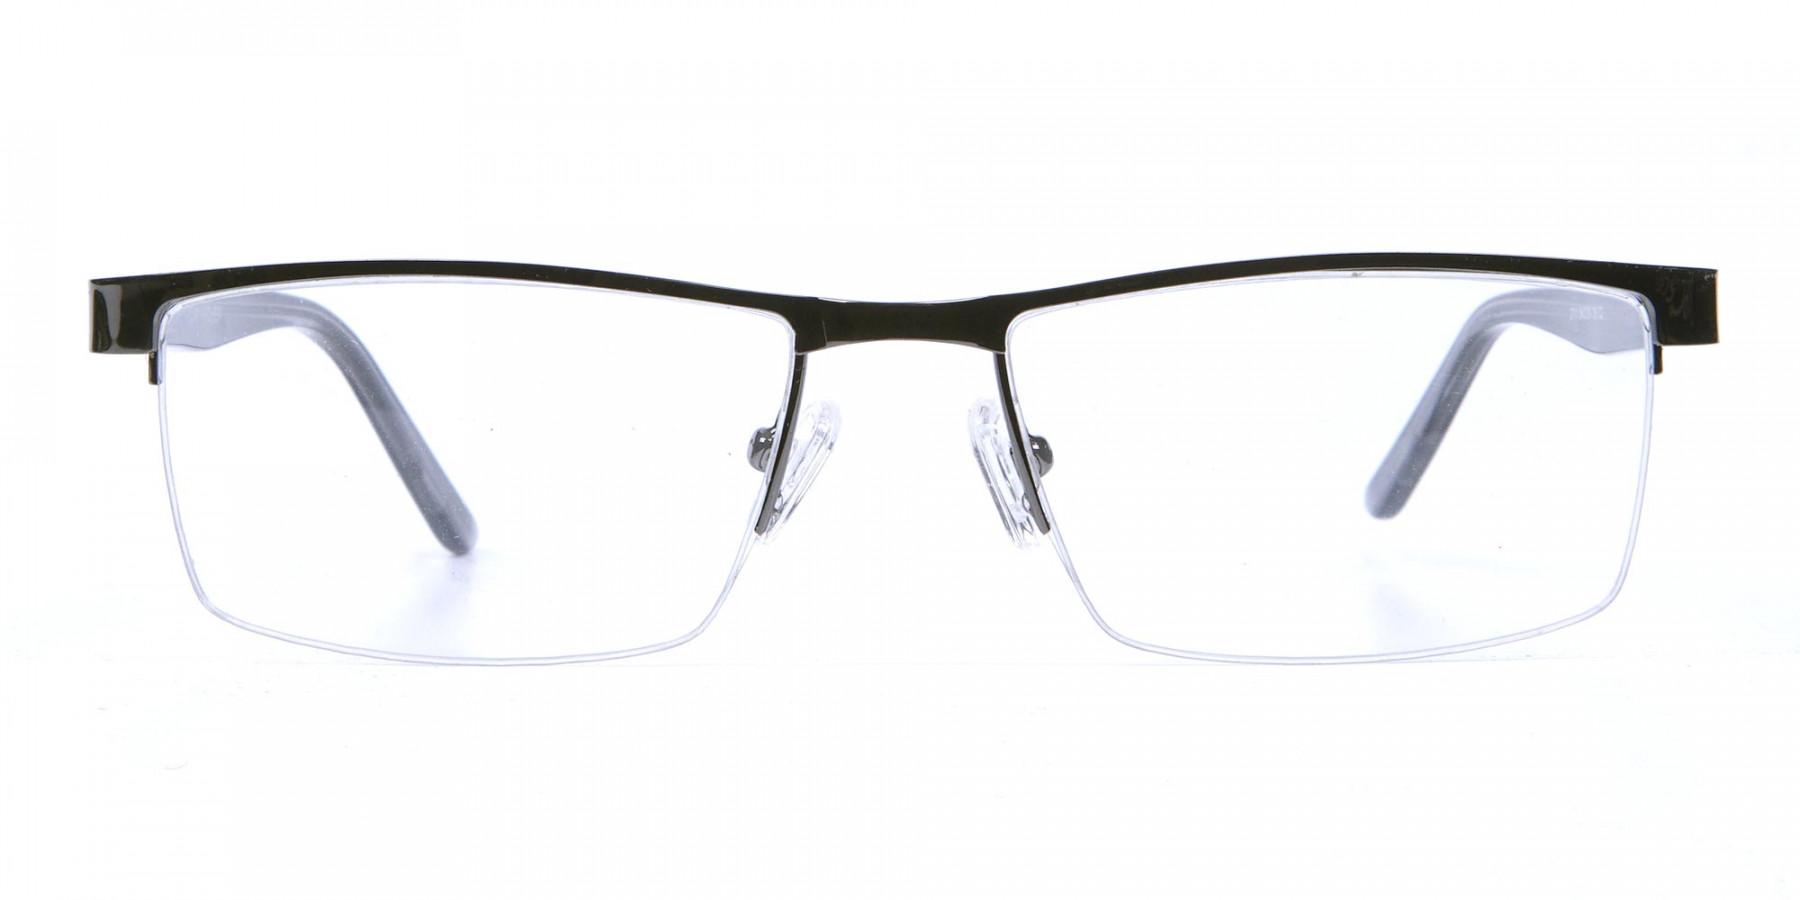 Rectangular Glasses in Gunmetal, Eyeglasses -1